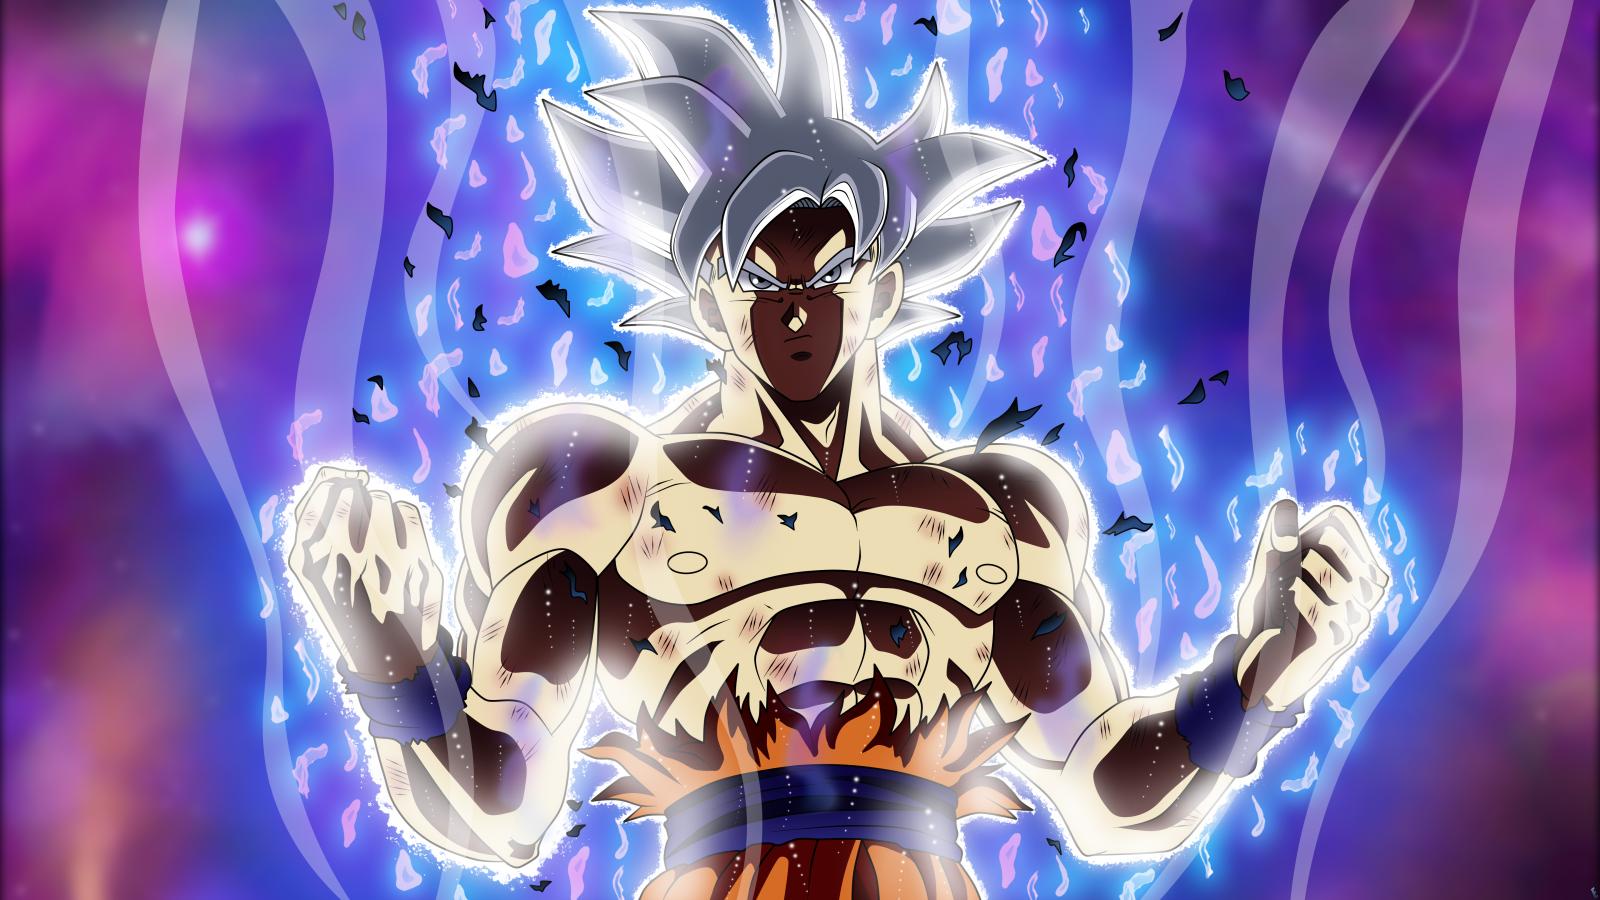 Fond d'écran : Dragon Ball Super, Son Goku, Mastered ultra instinct, ultra instict, Ultra ...